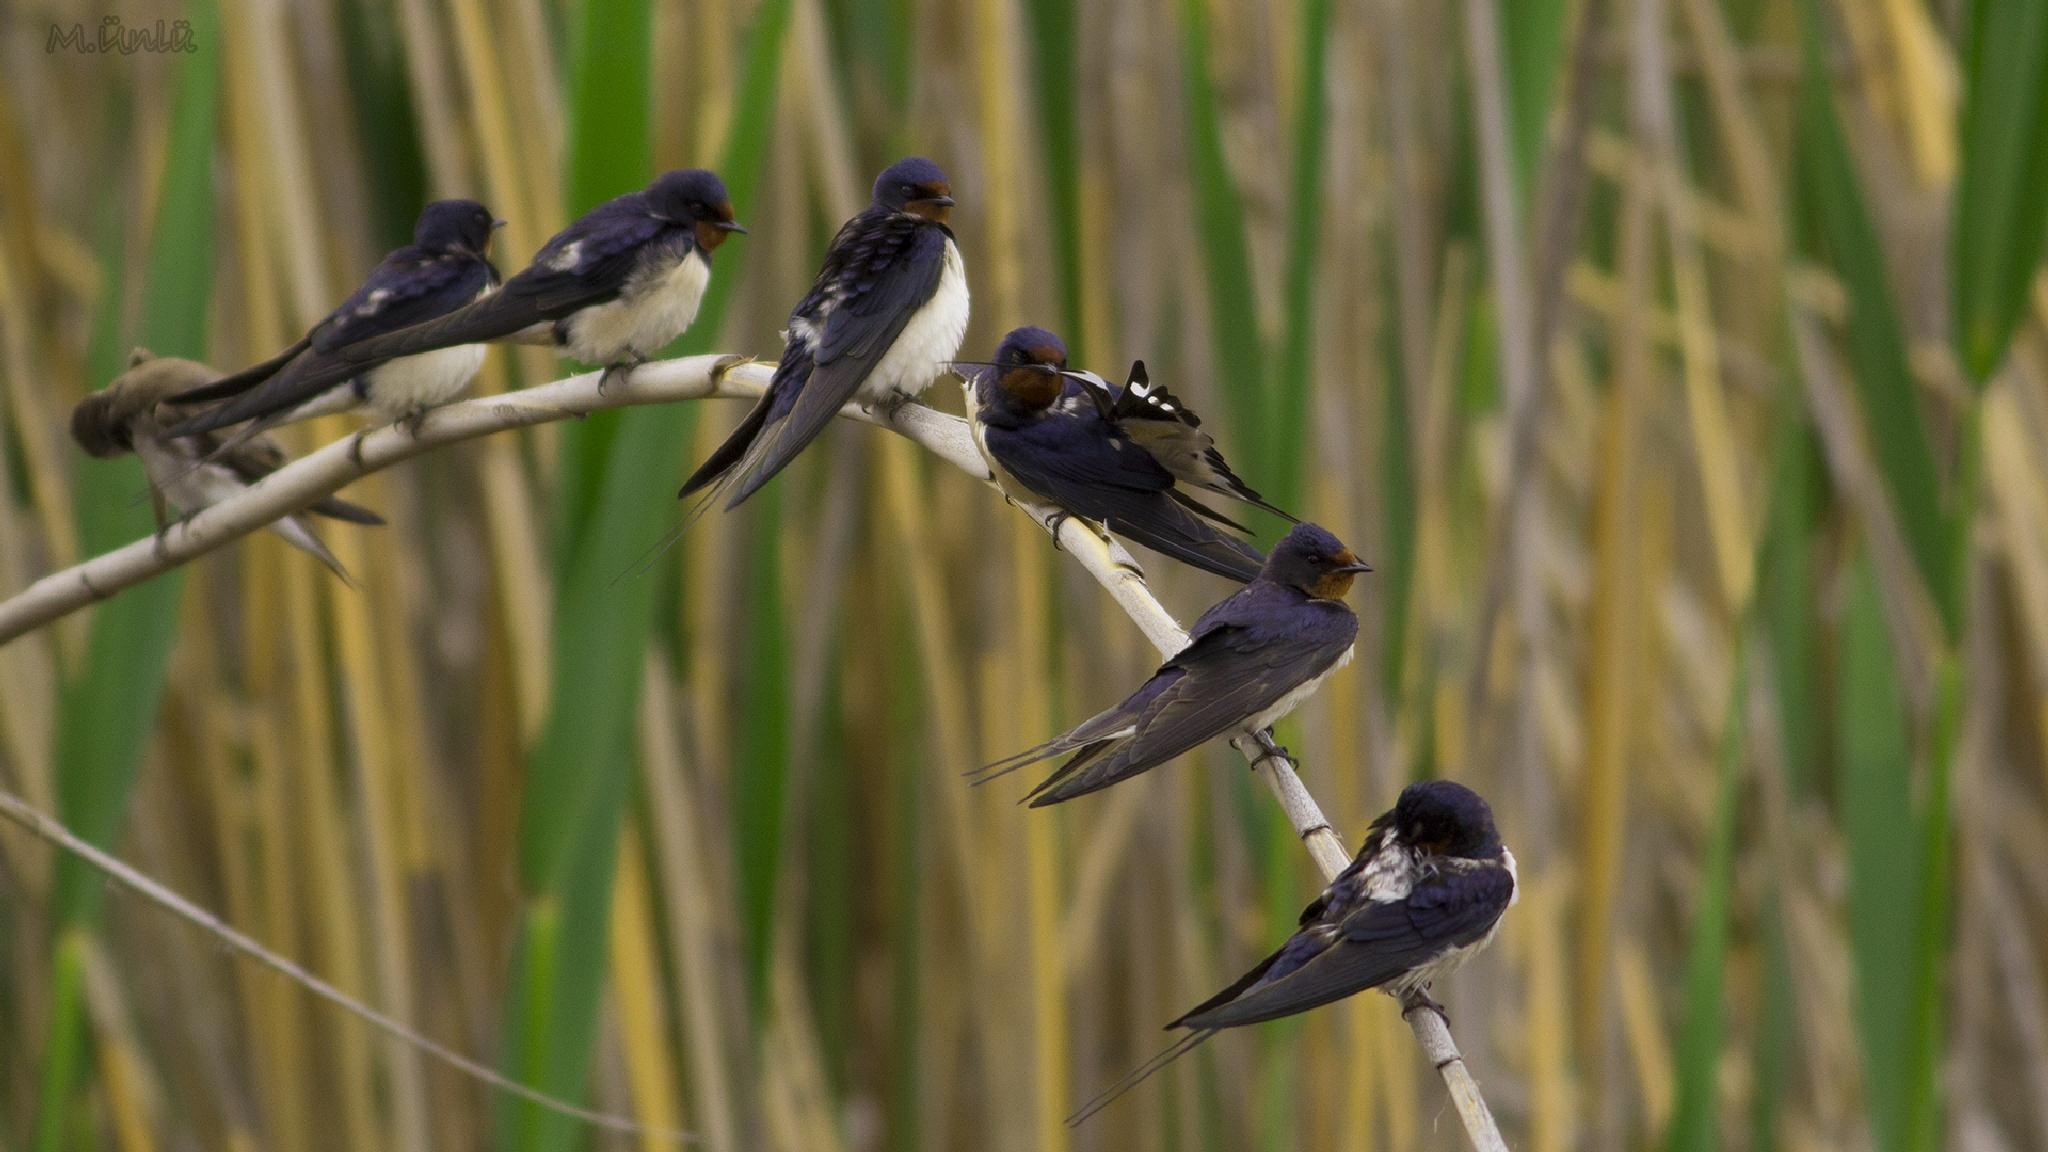 Kır kırlangıcı (TR) Barn Swallow (EN) Hirundo rustica by cografikus